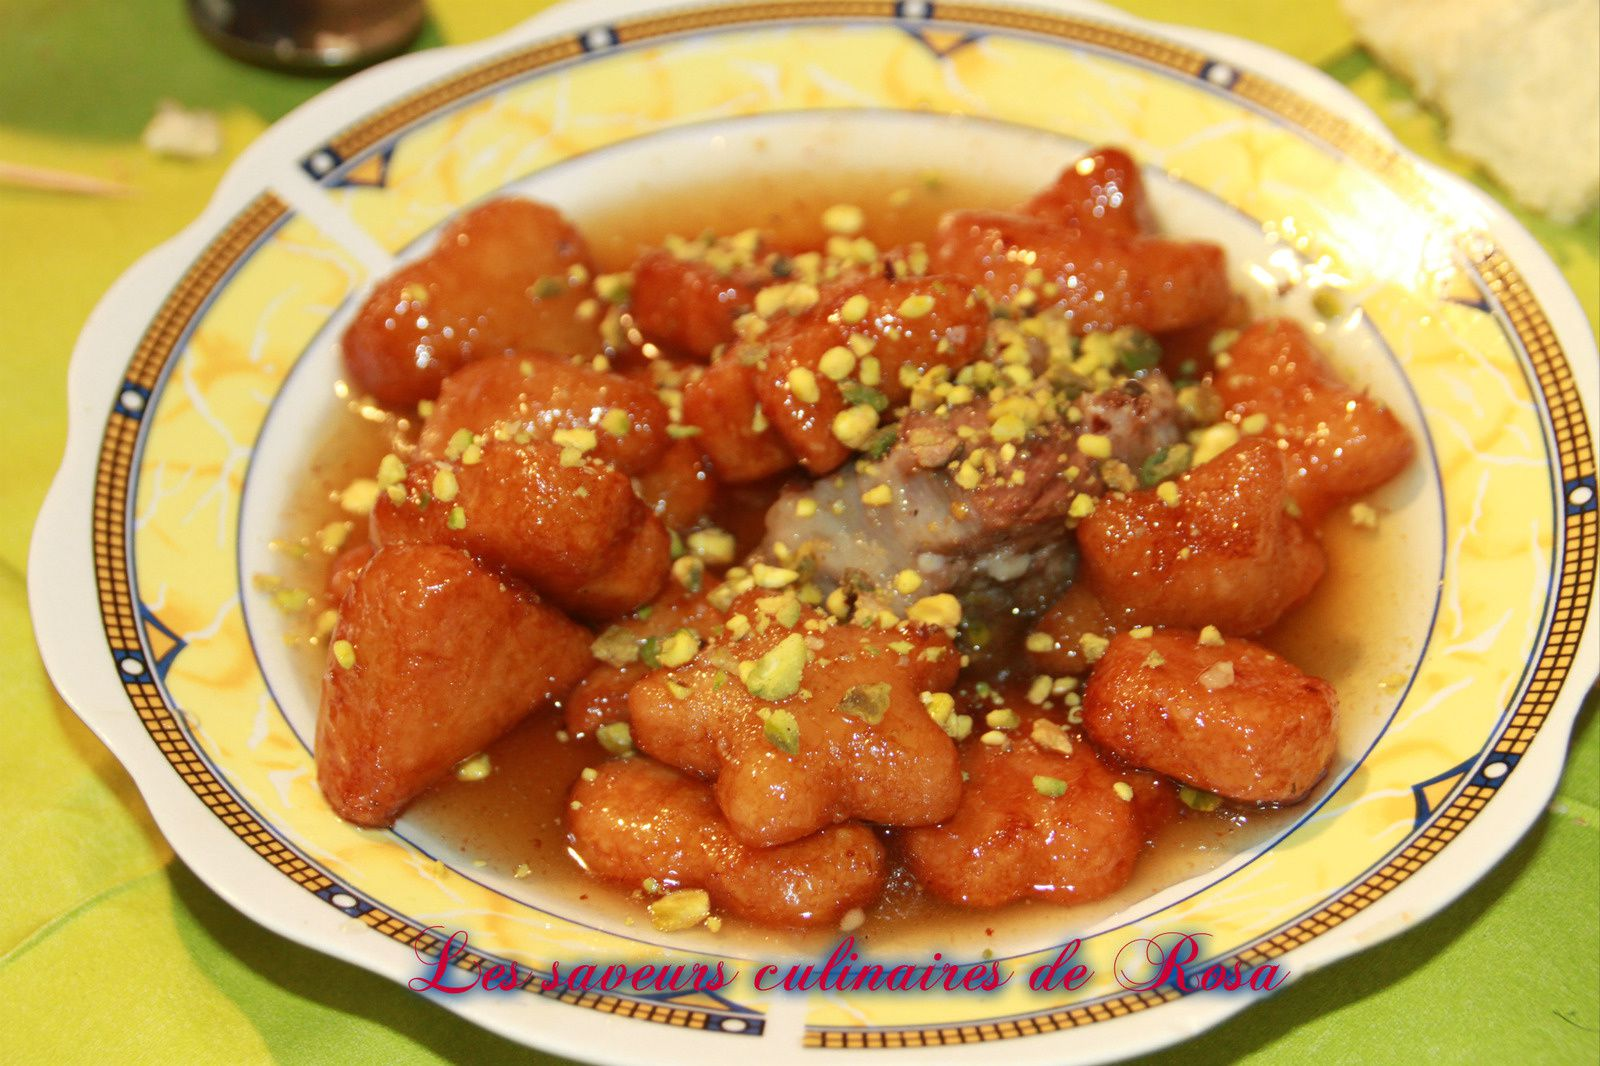 Chbah essafra (tajine sucré à base d'amandes), recette: http://mariedjiness.over-blog.com/chbah-assafra